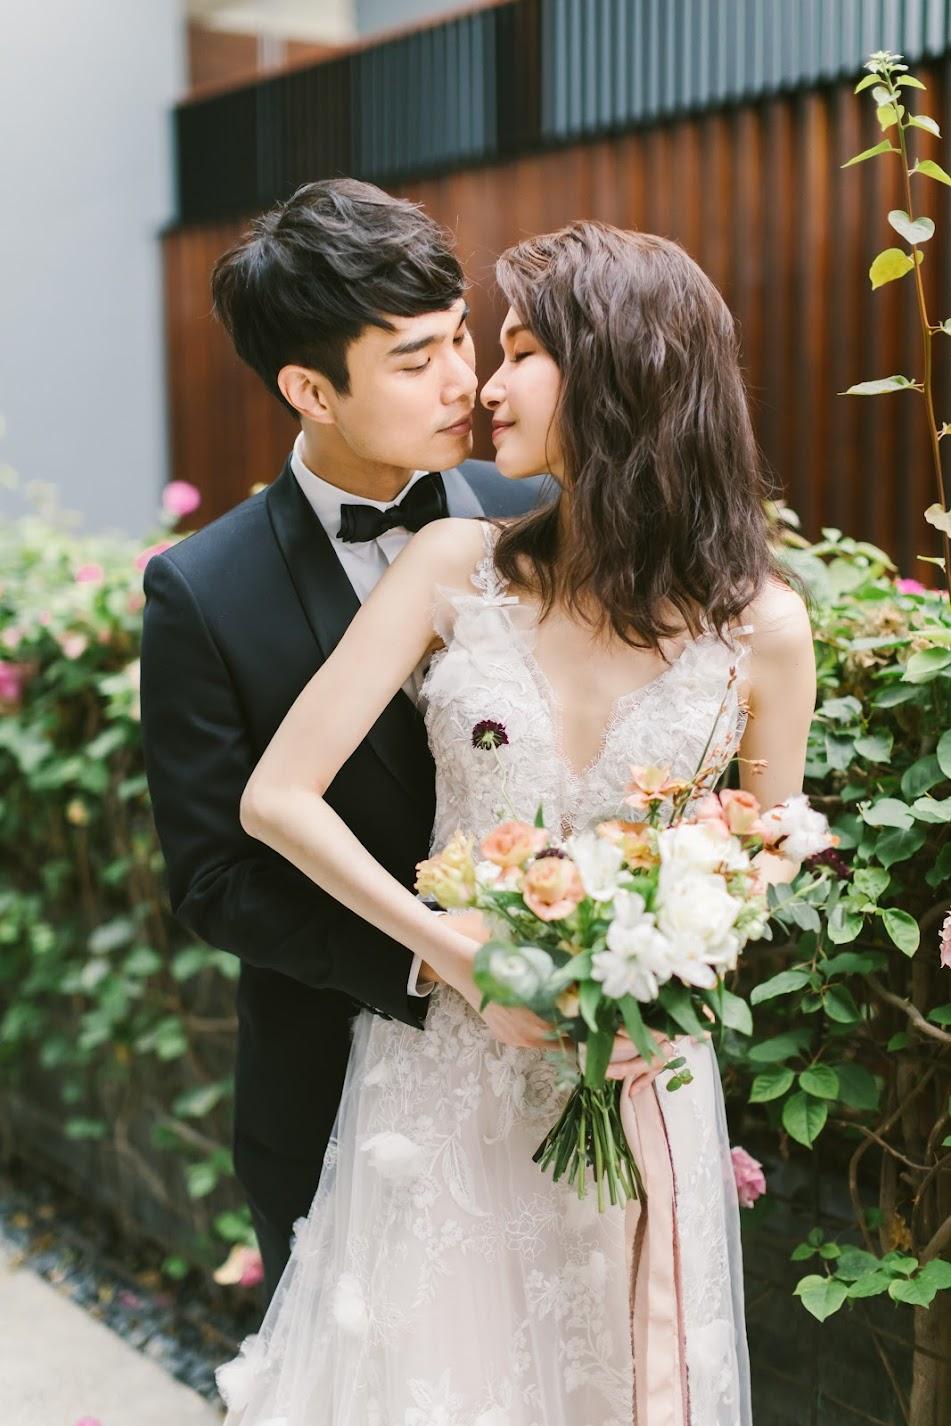 日月潭涵碧樓婚禮,美式婚禮紀錄,AG婚攝,Amazing Grace 攝影美學,戶外婚禮